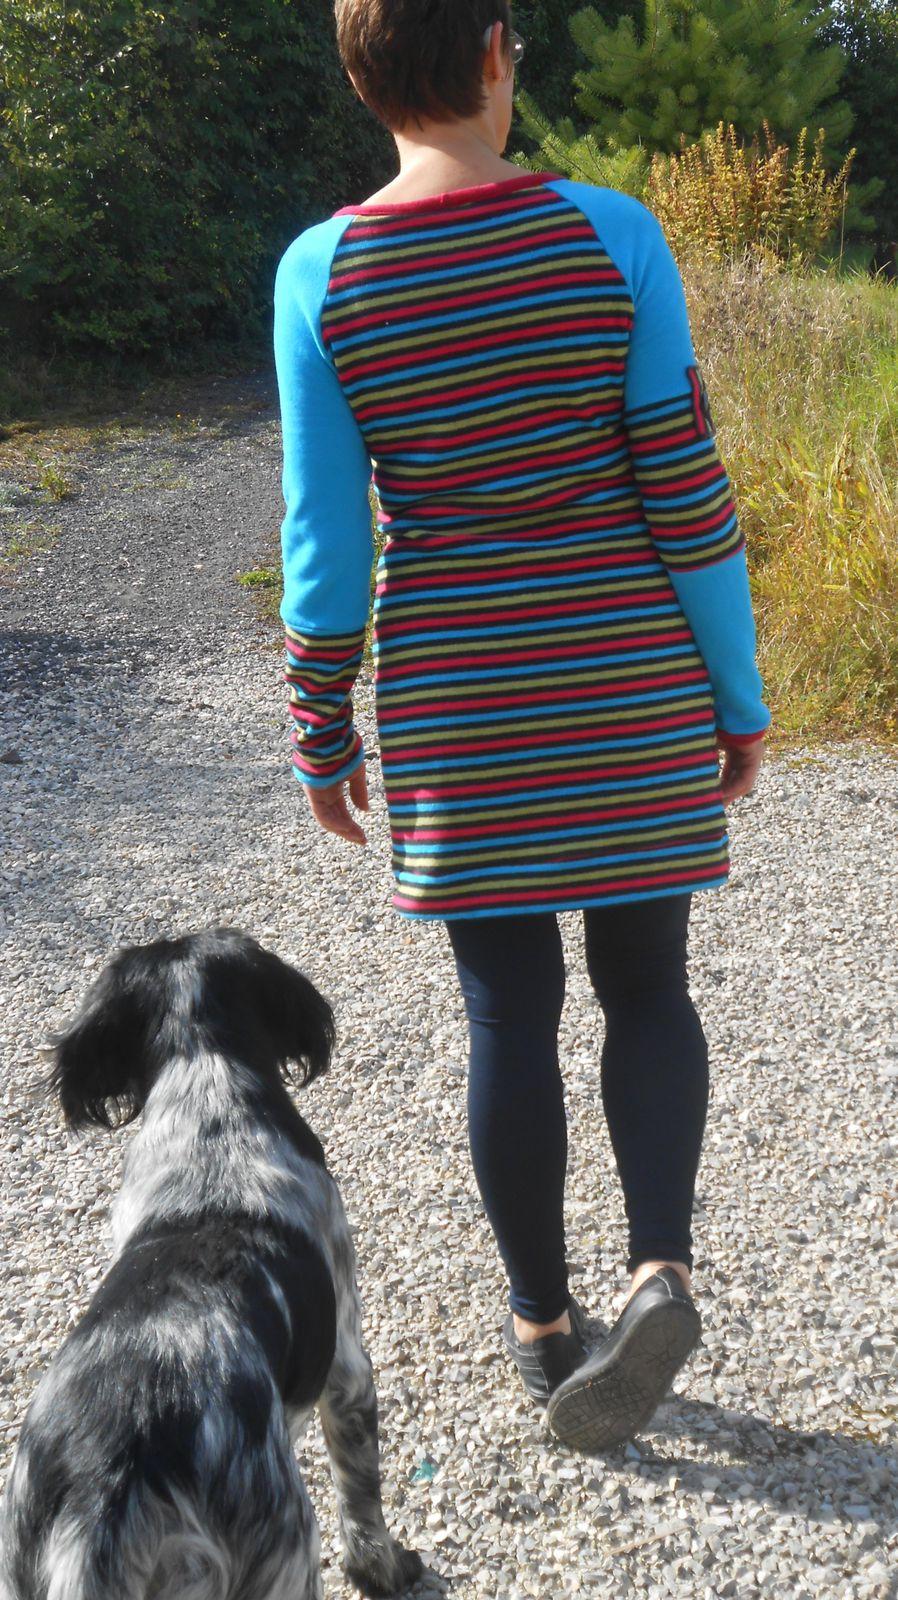 Mon petit chien voulait à tout prix paraître sur la photo ! J'ai essayé de faire travailler mon imagination avec des petits détails.